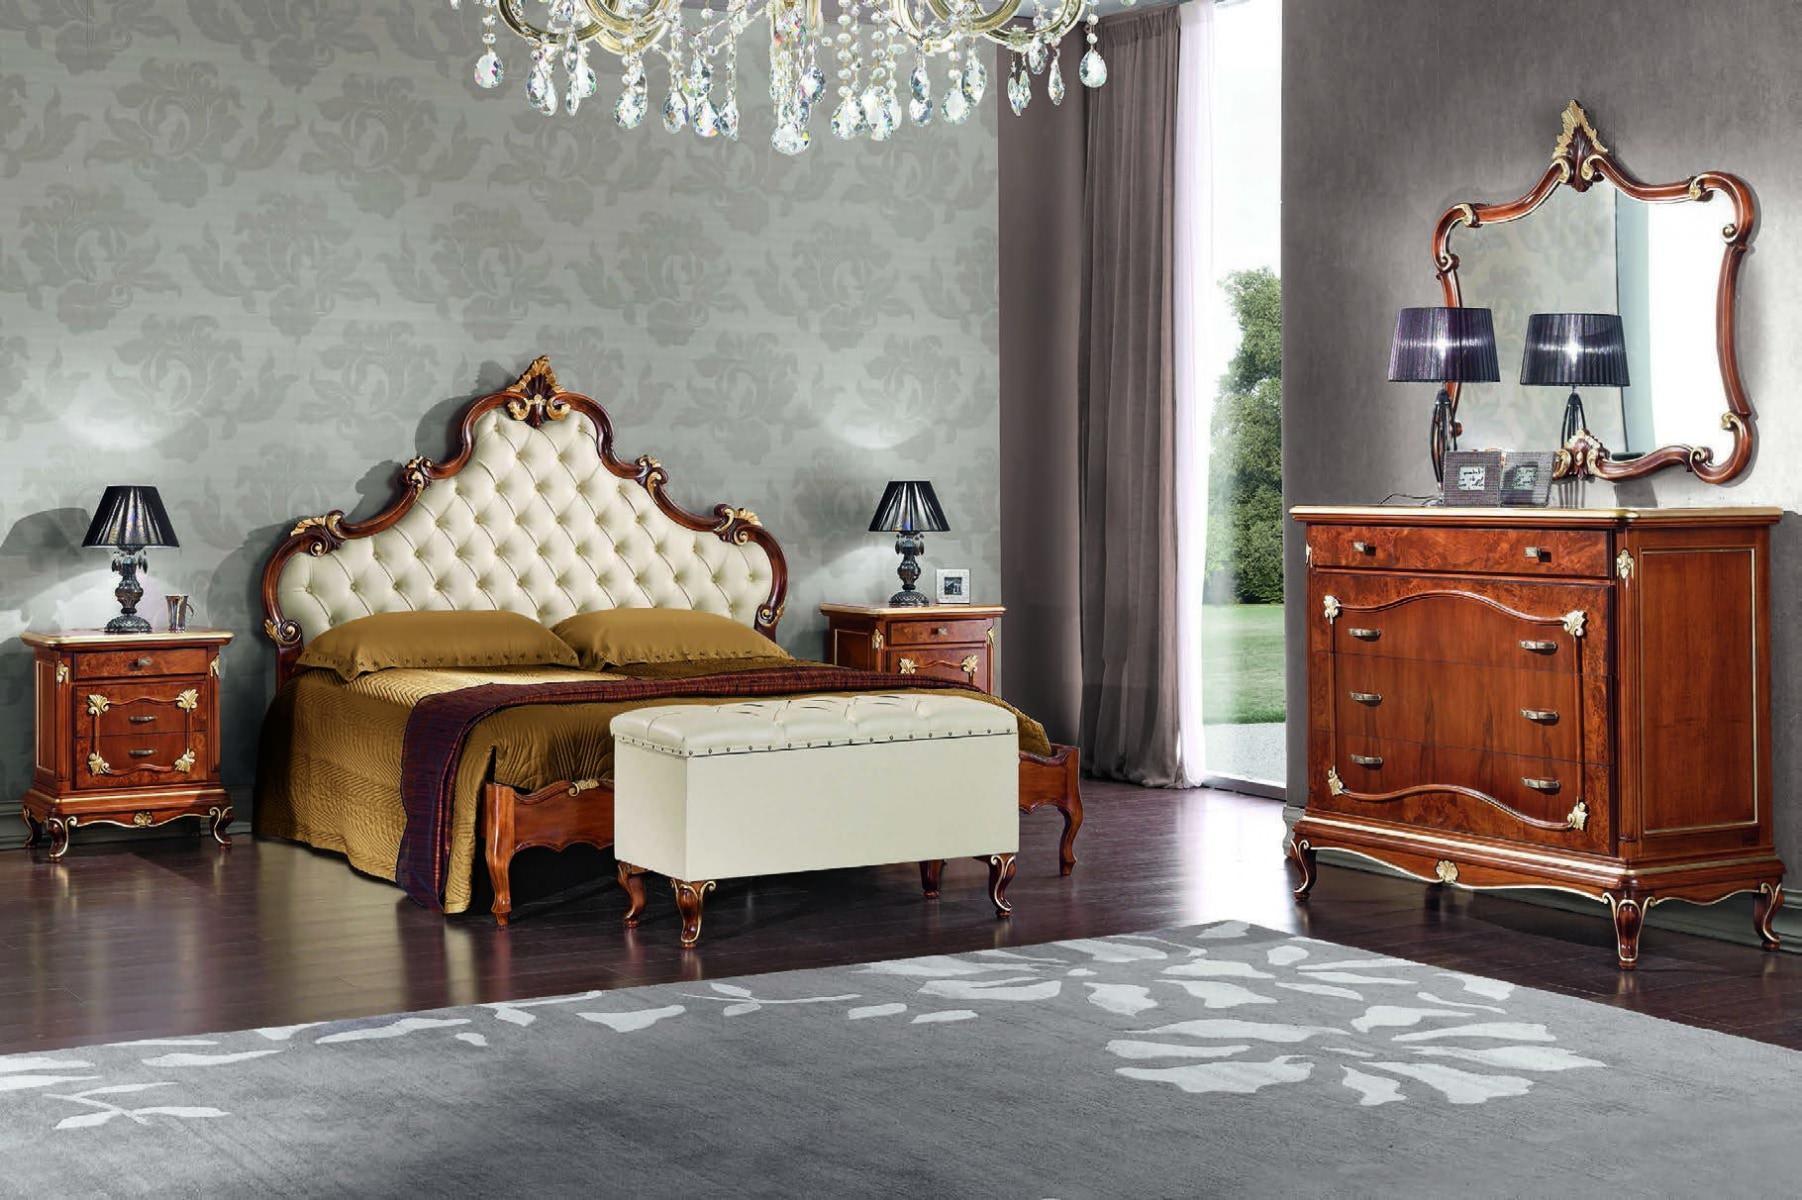 Банкетка Art Deco 3126 Stile Elisa